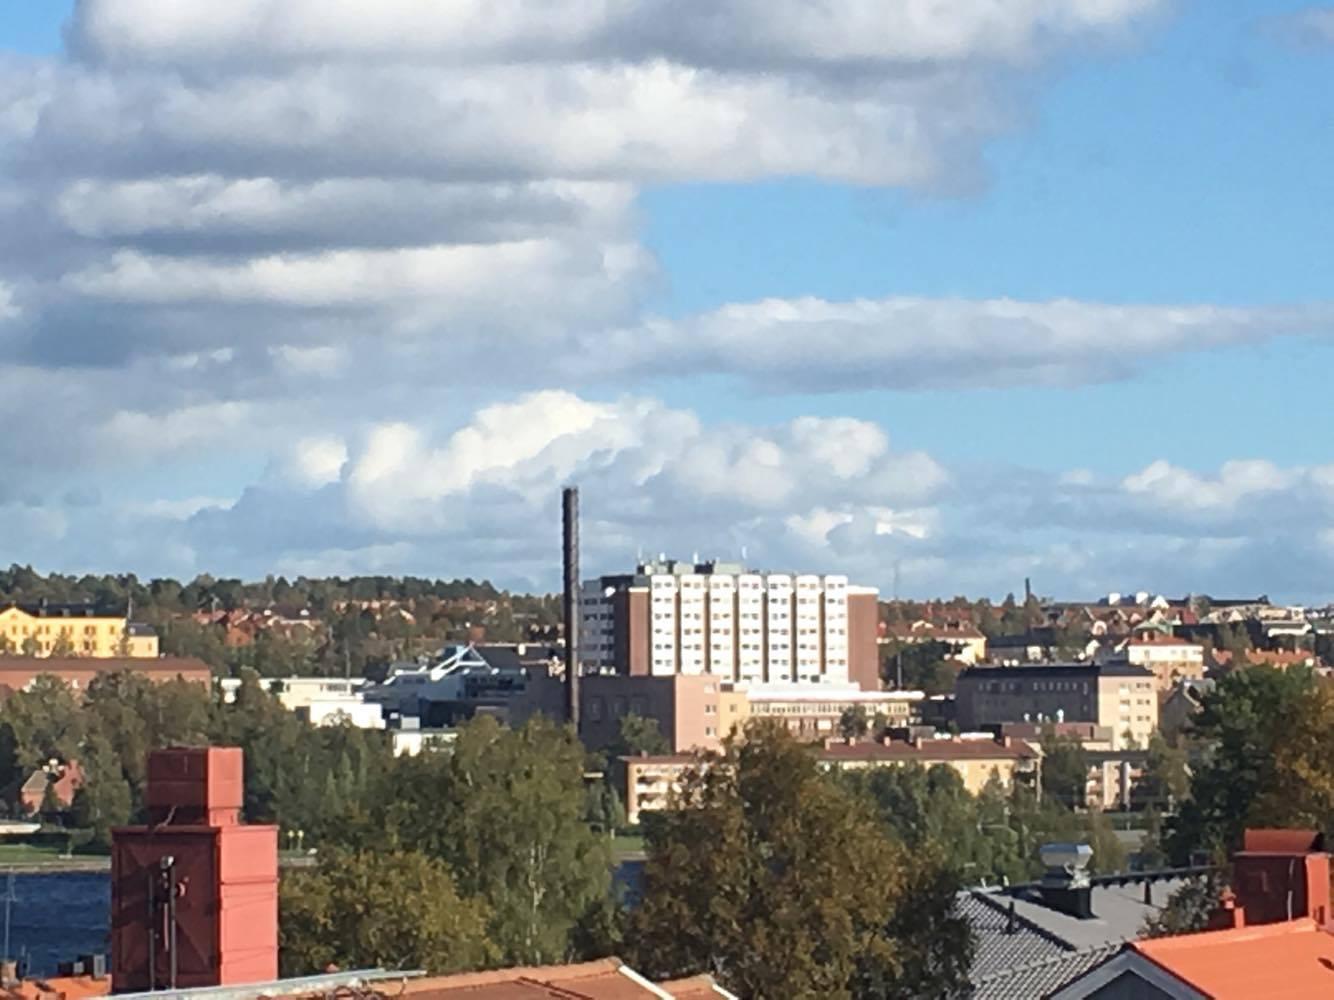 Ser sjukhuset i Östersund från min lägenhet på Frösön.